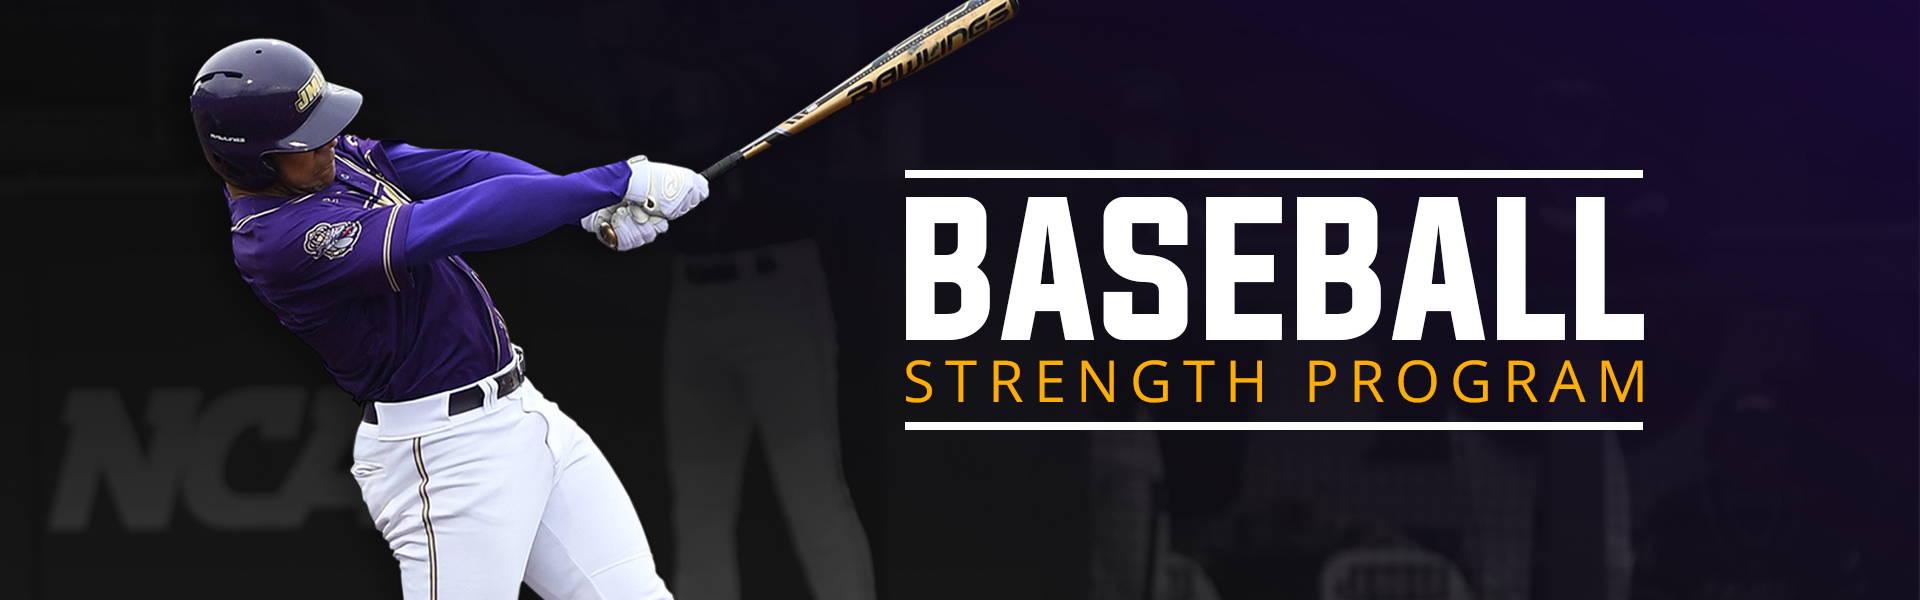 Baseball Strength Program